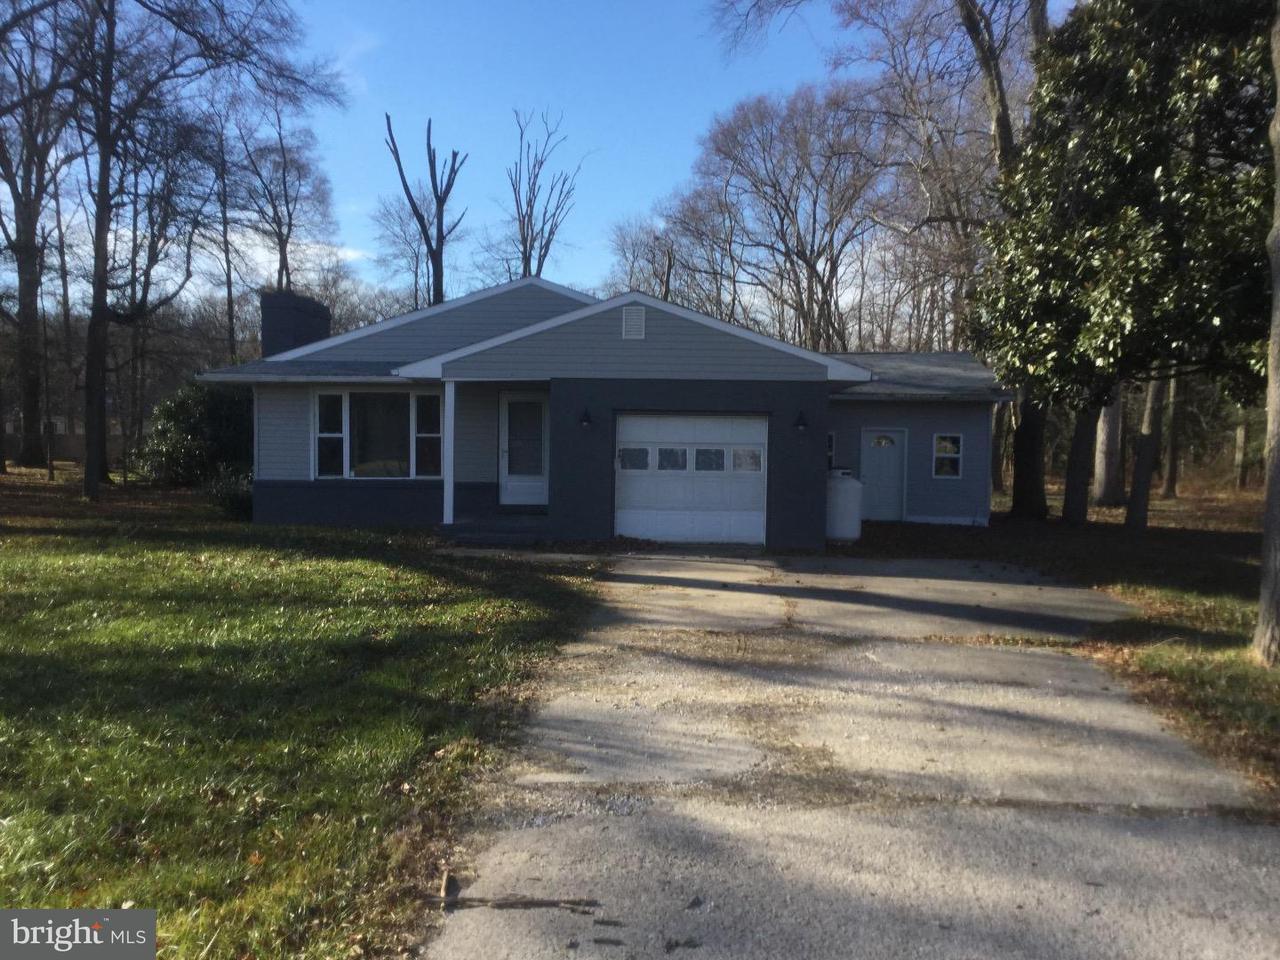 Частный односемейный дом для того Продажа на 4161 ARTHURSVILLE Road Hartly, Делавэр 19953 Соединенные Штаты